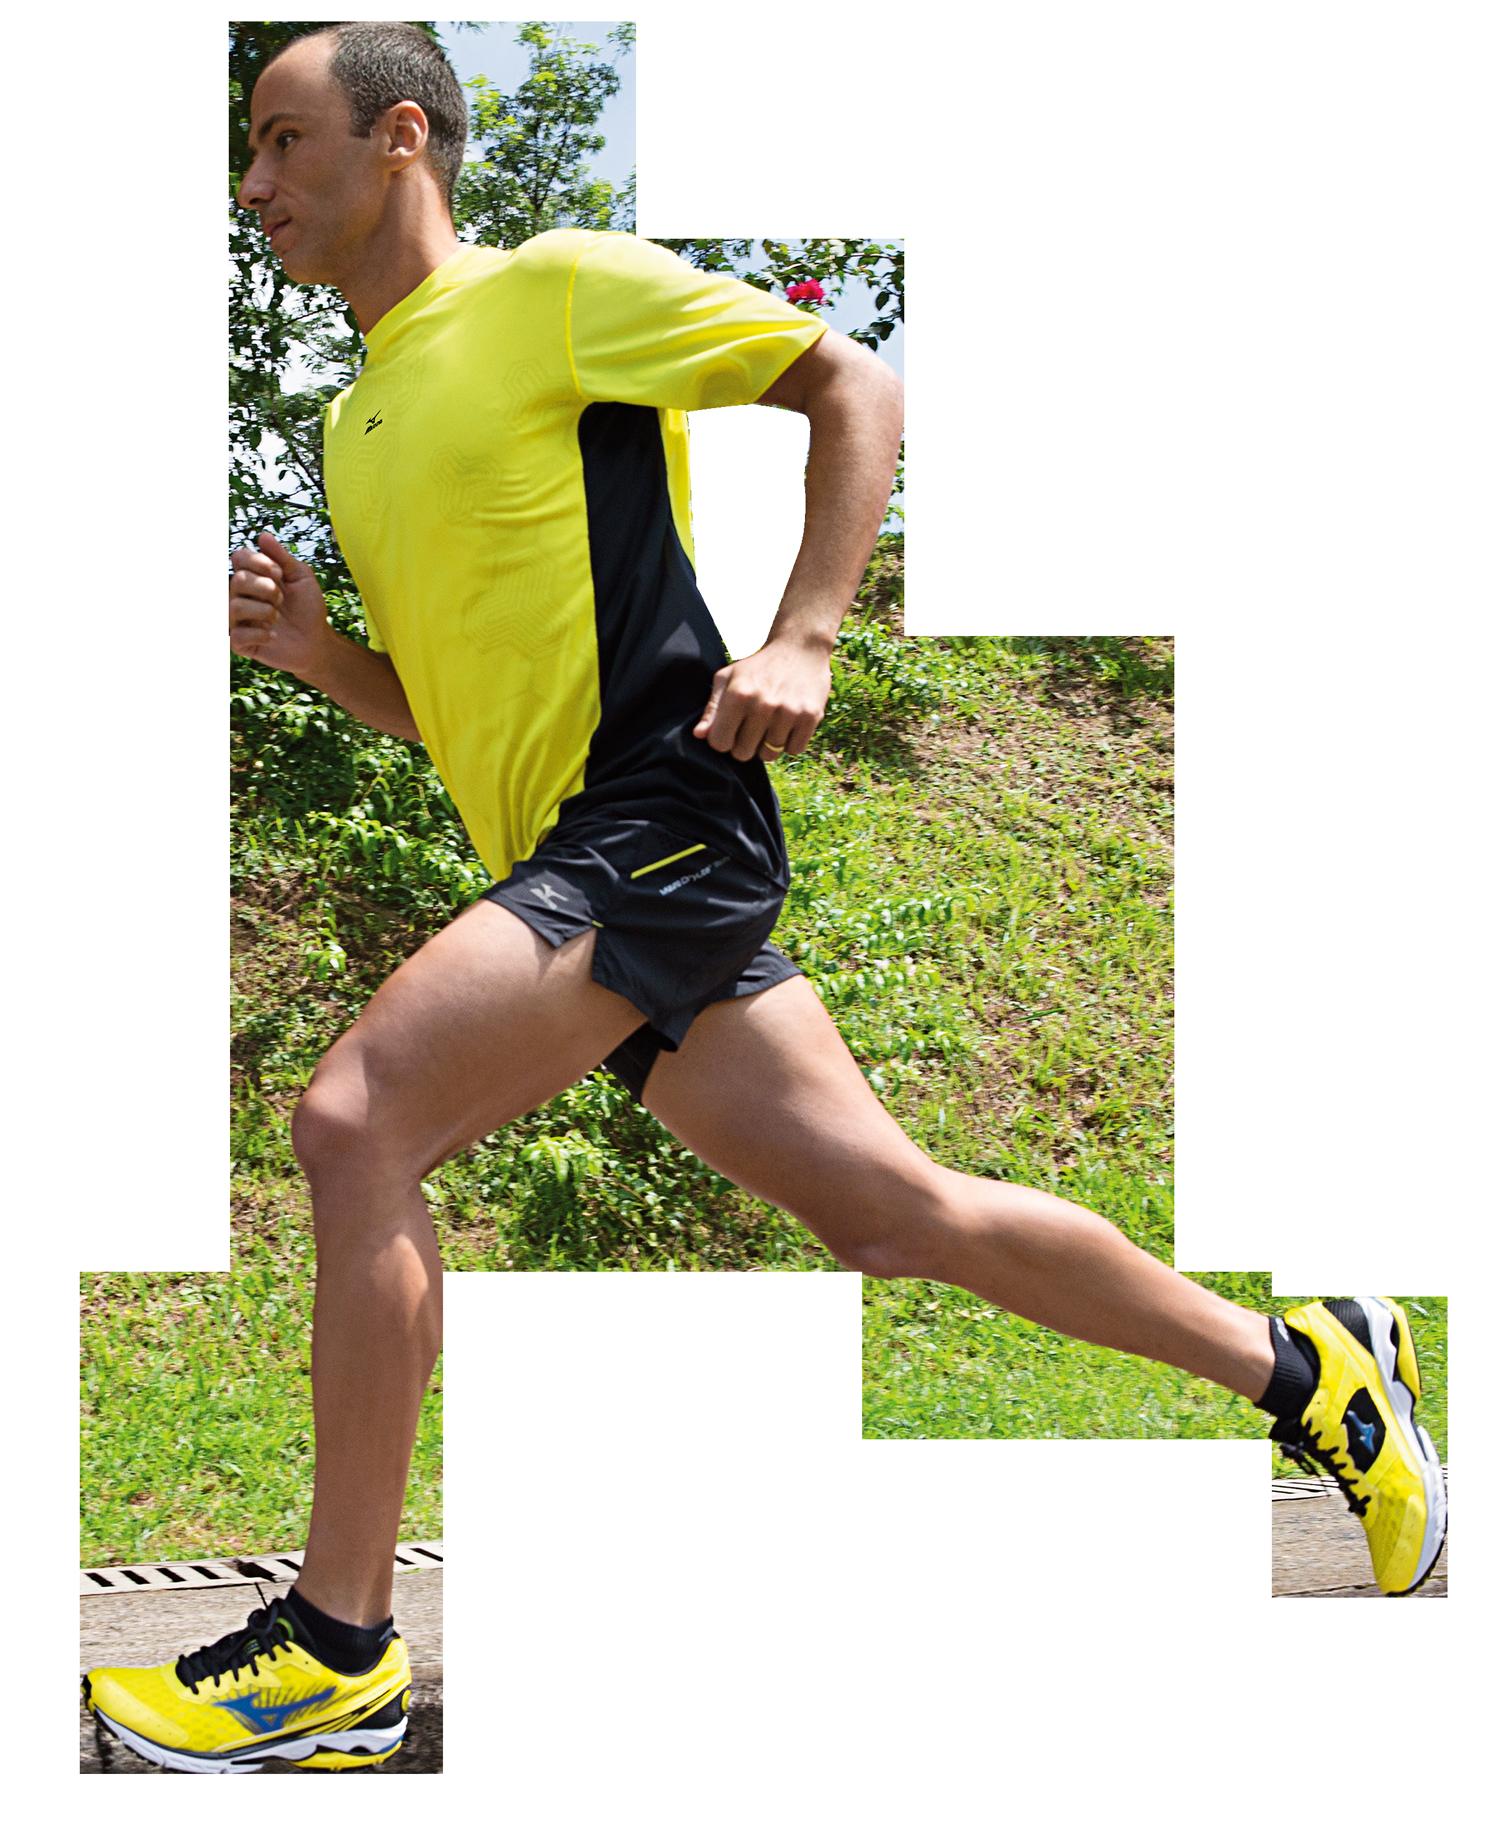 Human clipart human running. Man png image woman